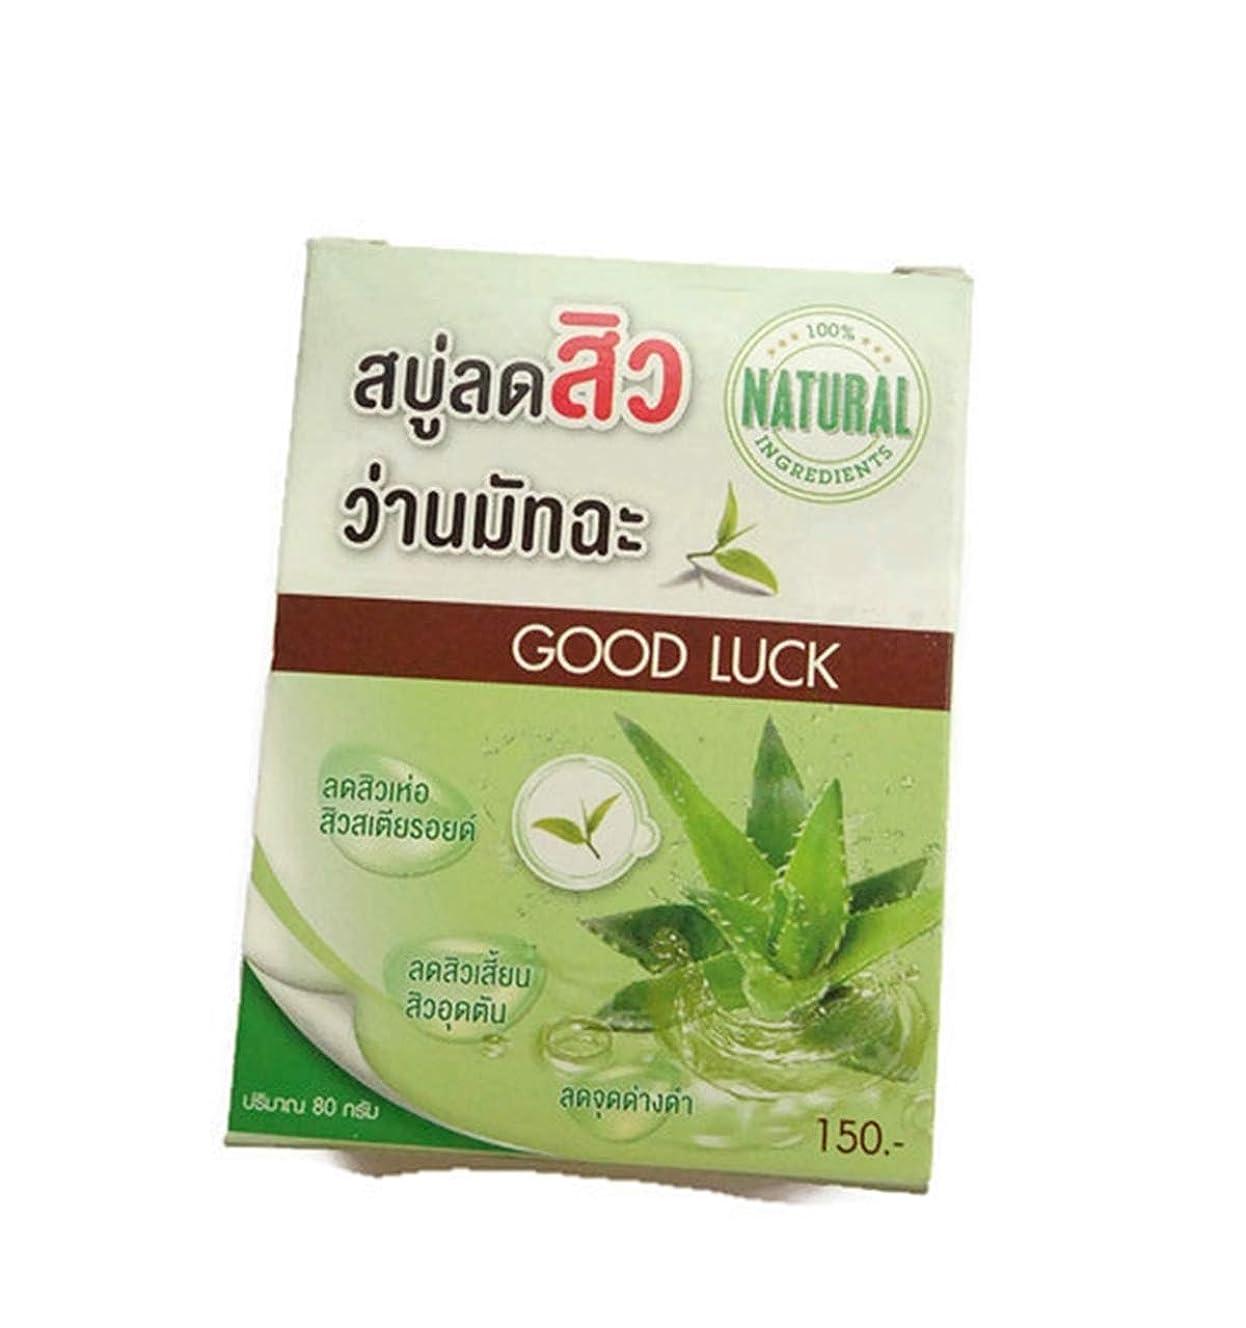 夕方武装解除姿勢Aloe vela Green Tea Vitamin C&E Coconut oil Acne Soap 80 grams.